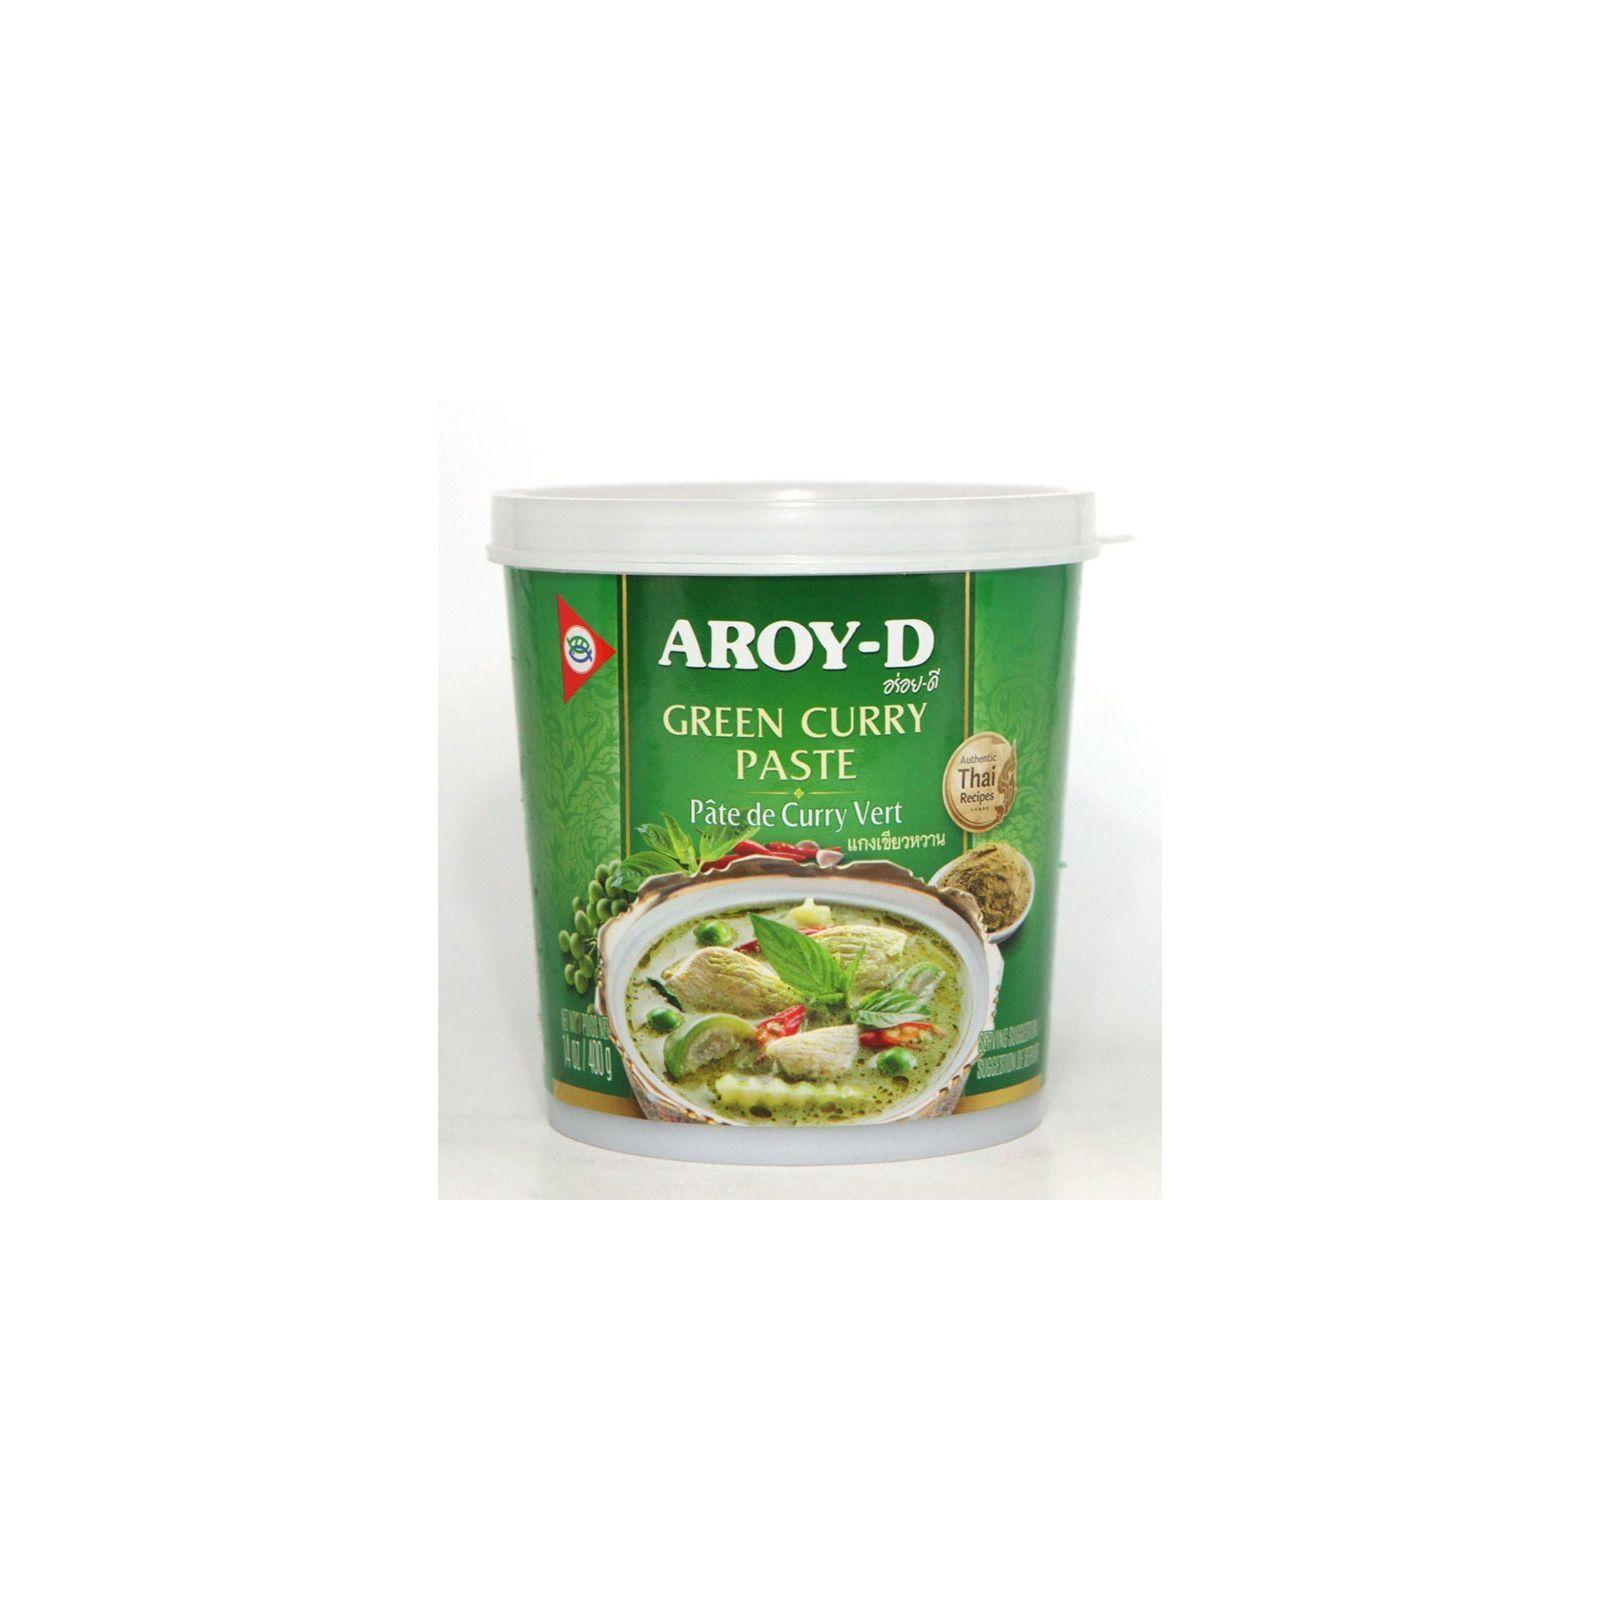 Asia Marché Pâte de curry vert Thaïe 400g Aroy-D